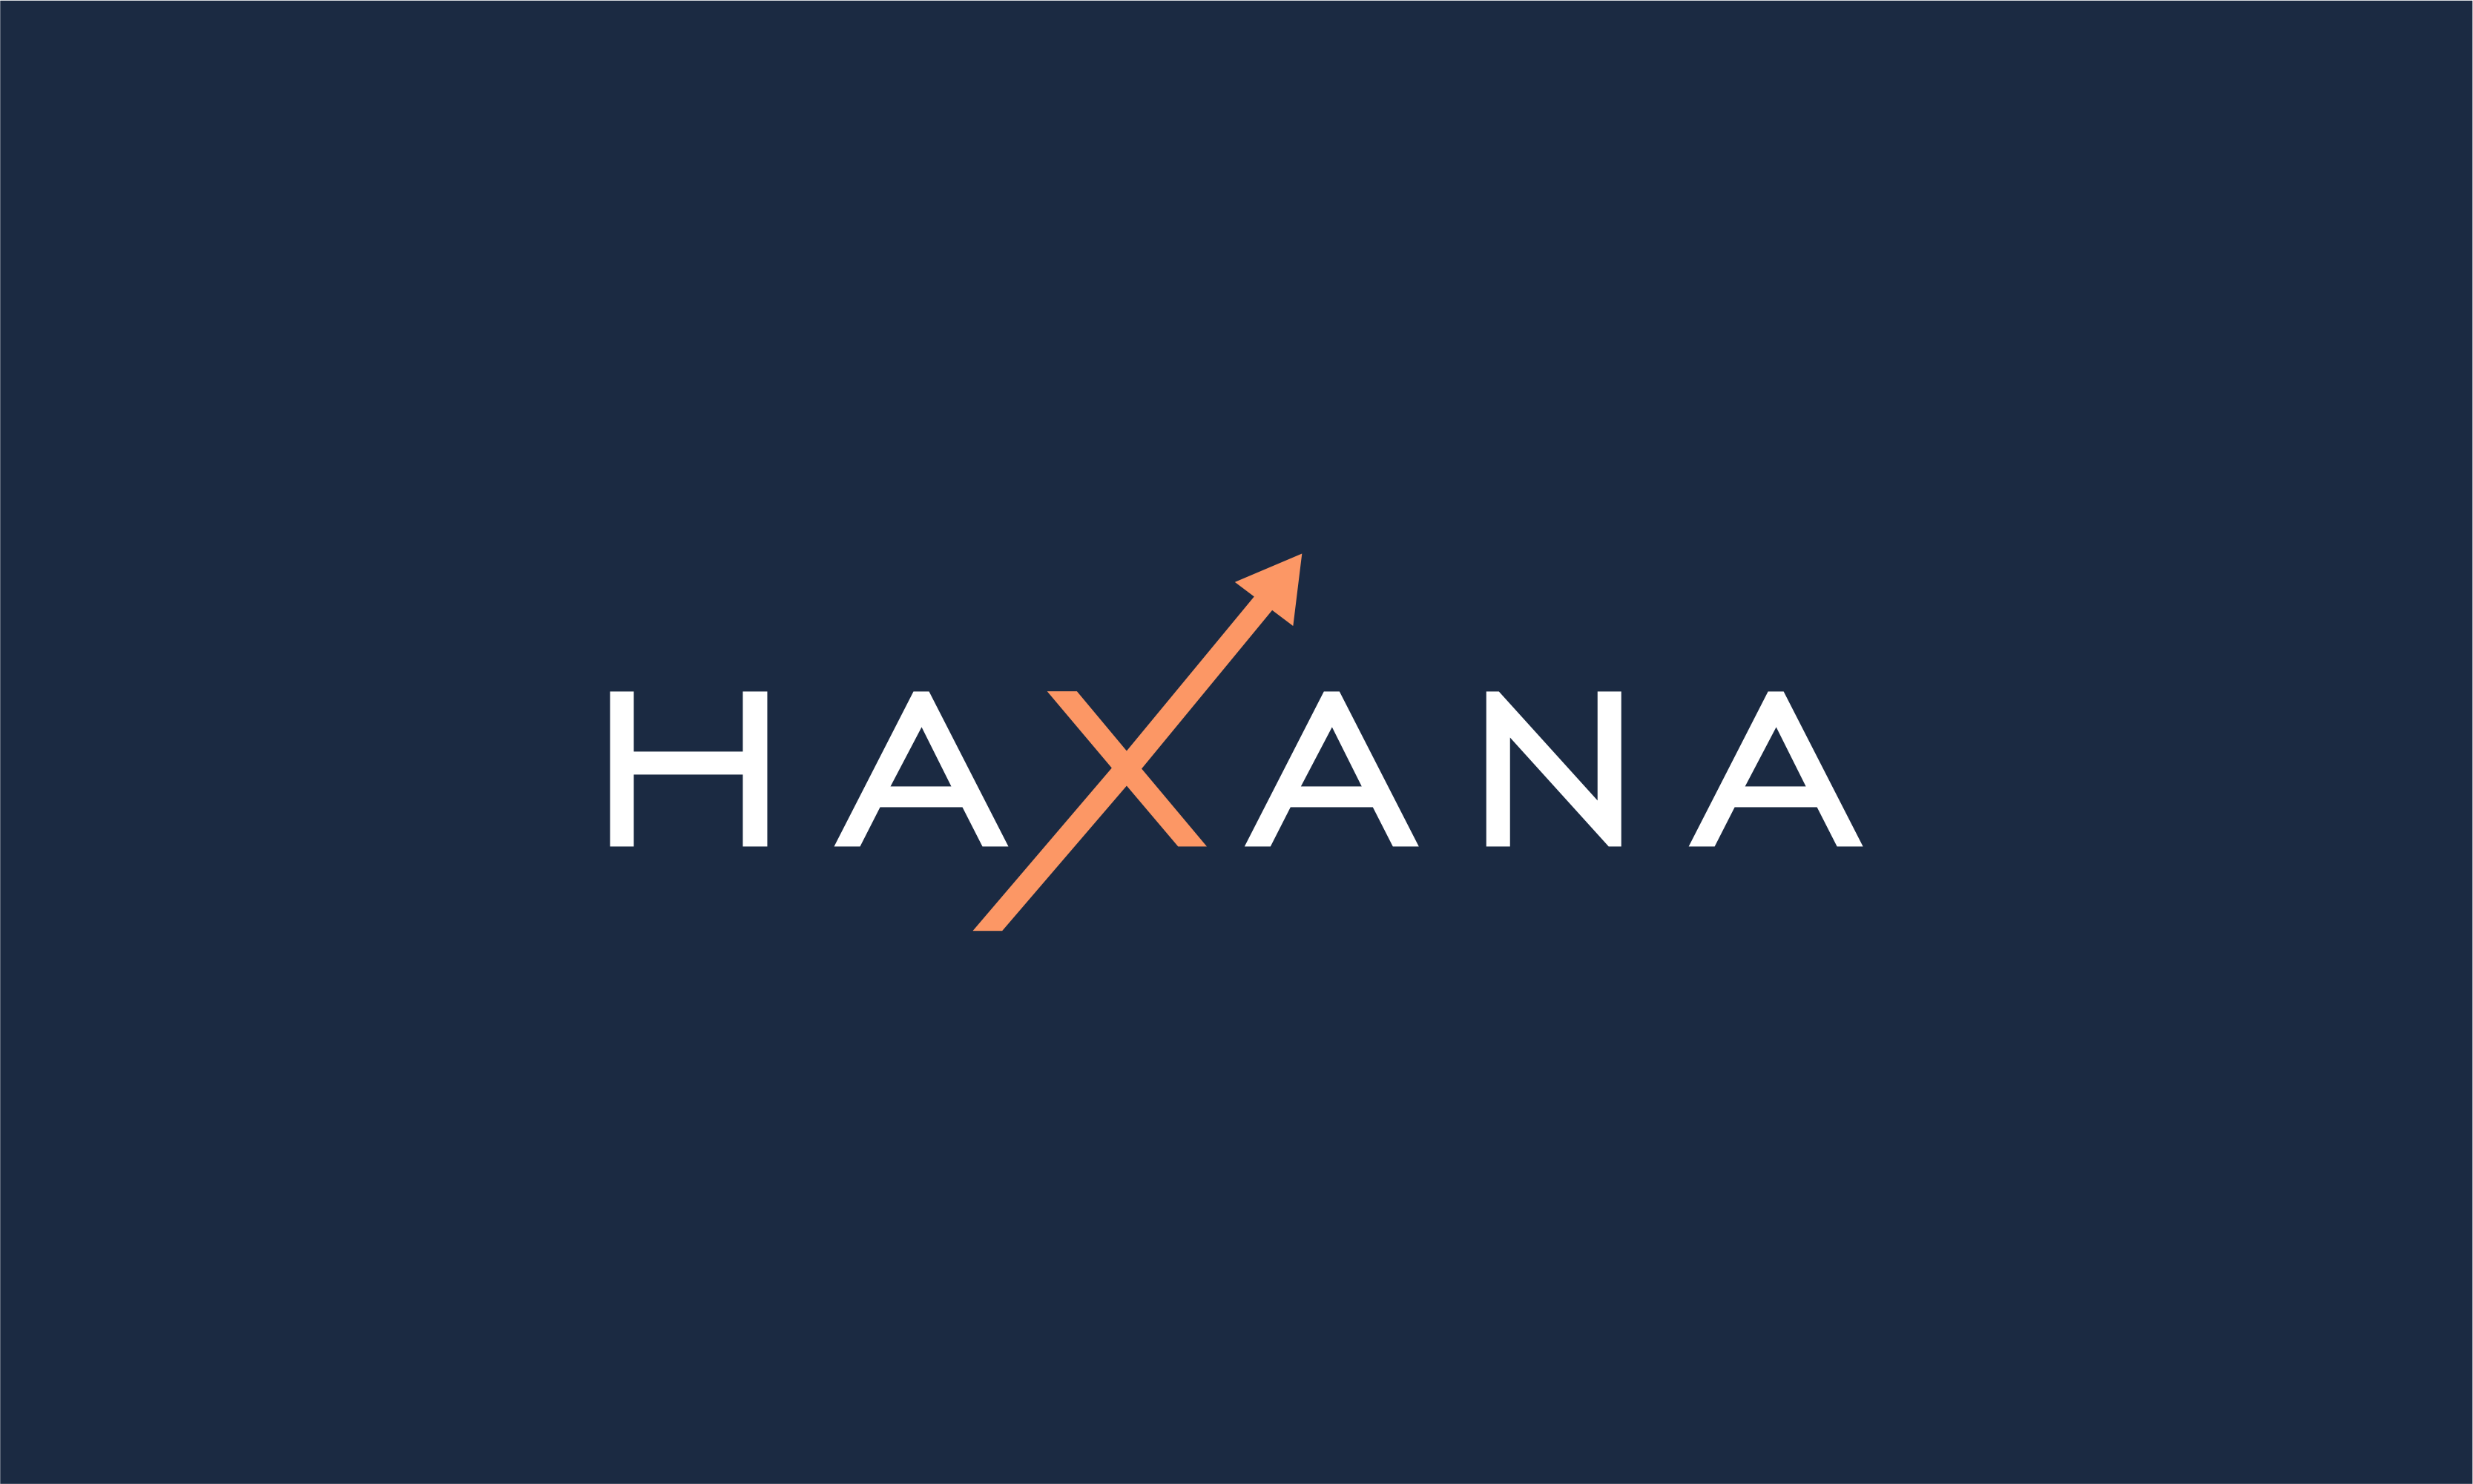 haxana logo